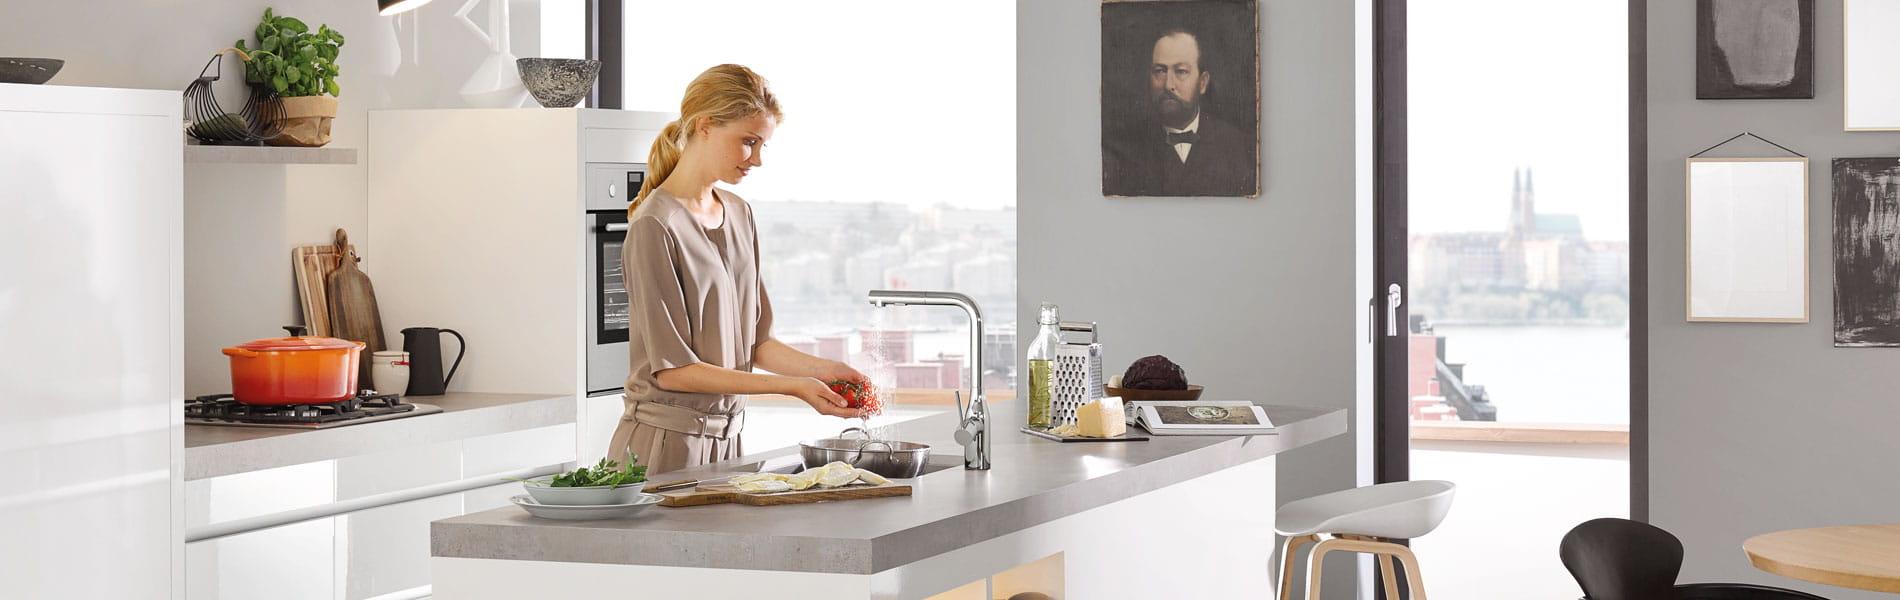 Essence robinet de cuisine avec une femme lave une tomate